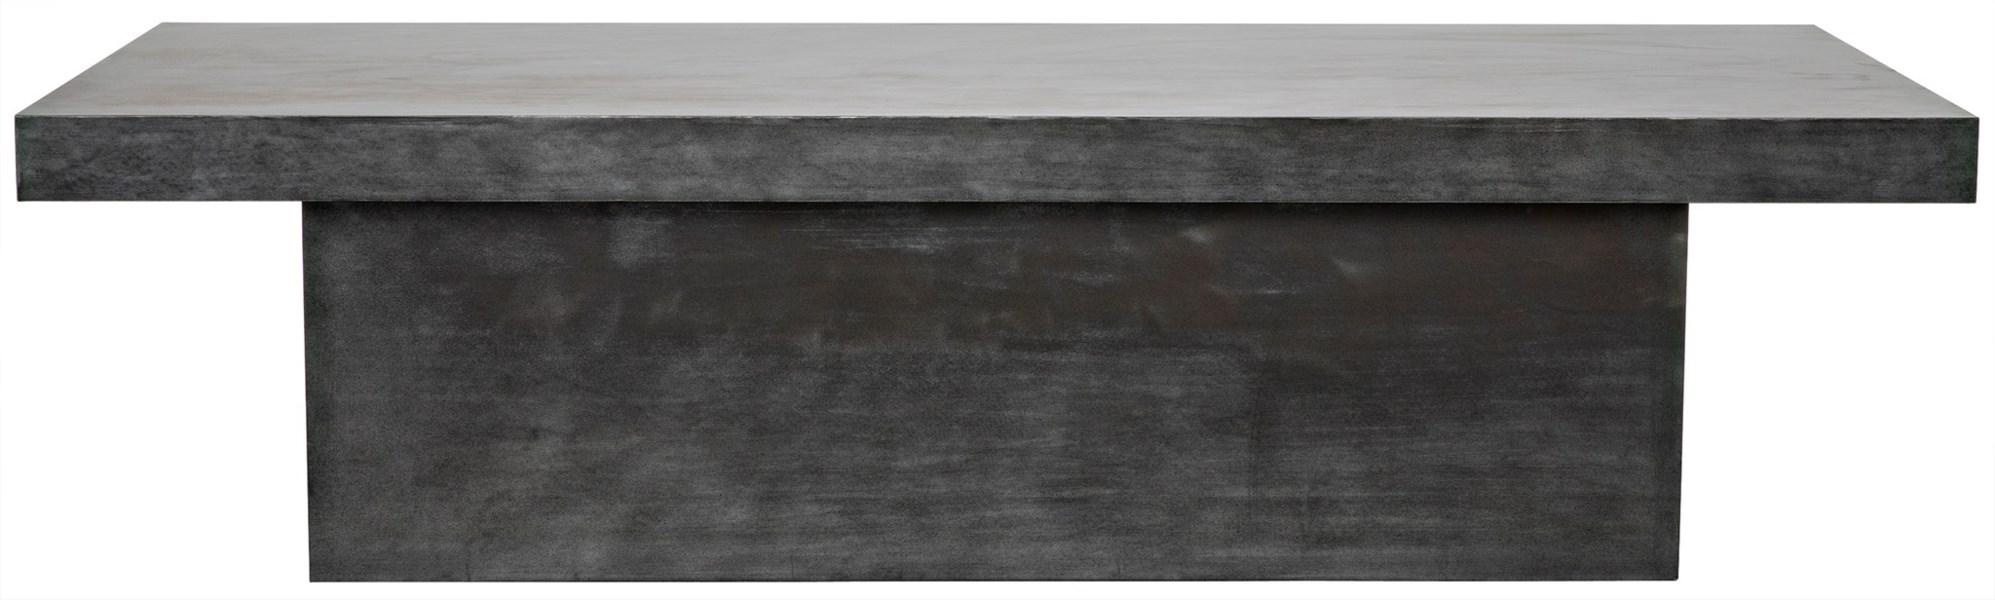 Prisms Coffee Table, Plain Zinc